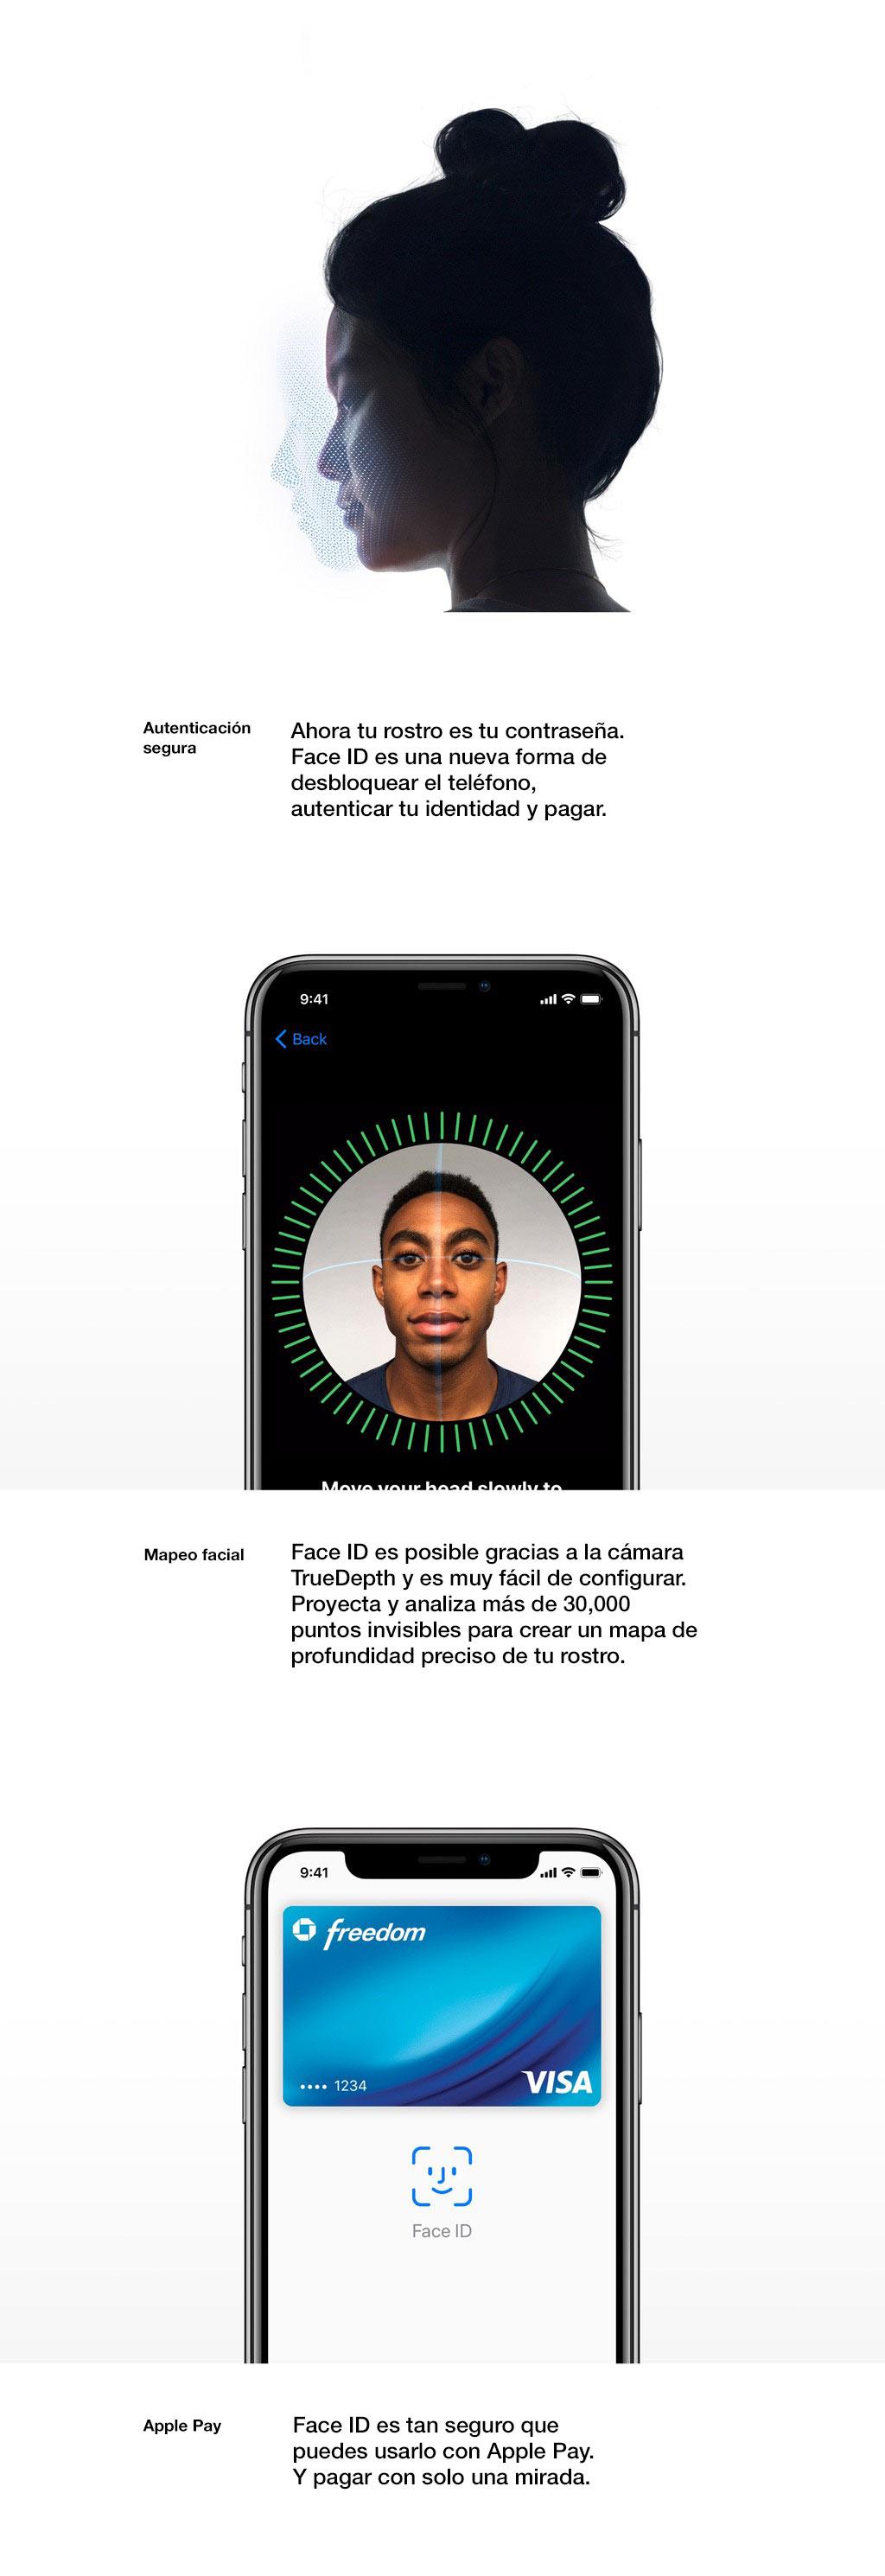 Tu rostro ahora es tu contraseña. Face ID es una manera nueva y segura de desbloquear, autenticar y pagar.